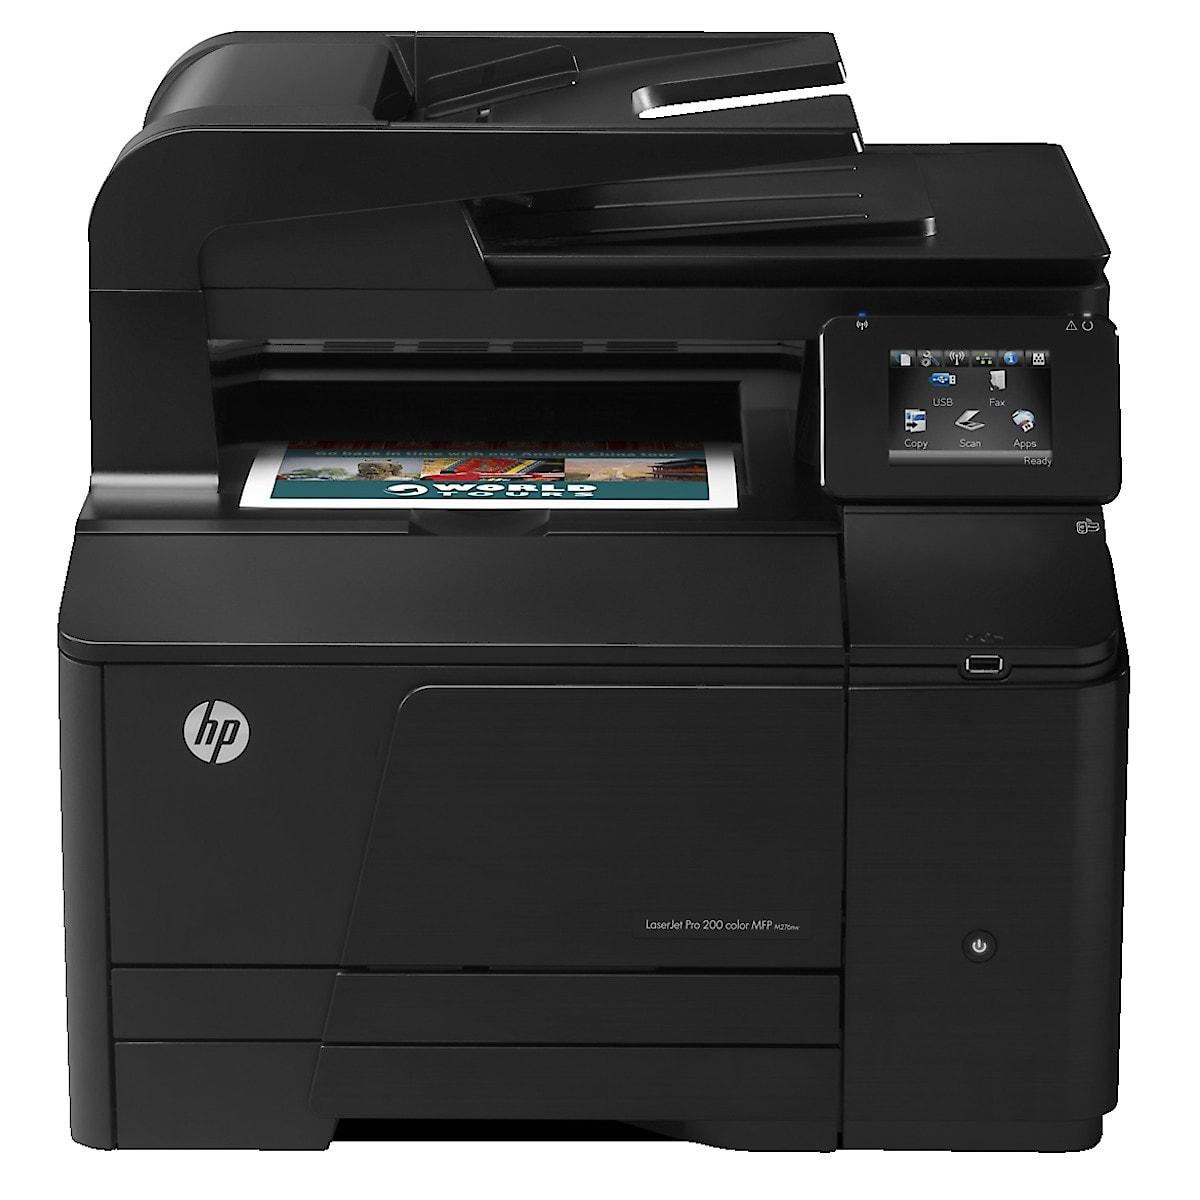 LaserJet Pro HP 200Color MFP M276nw Laser Printer